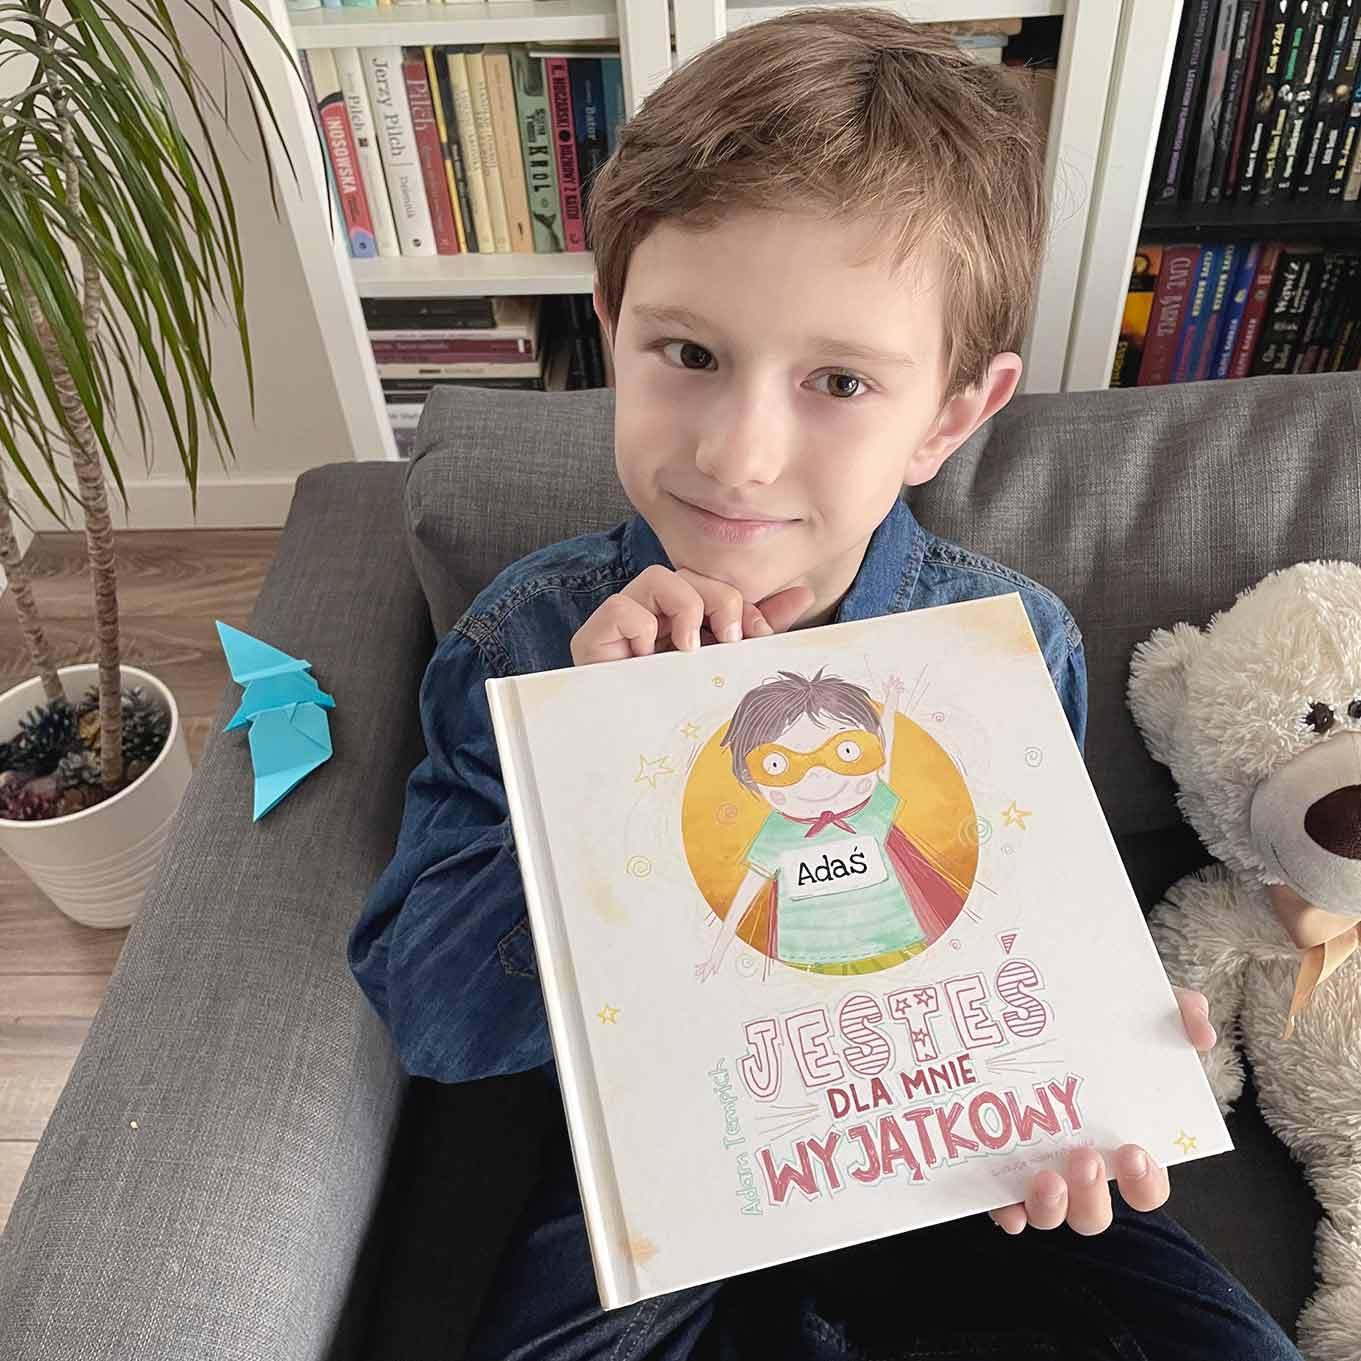 bajka dla dzieci jesteś dla mnie wyjątkowy - chłopiec pokazuje okładkę